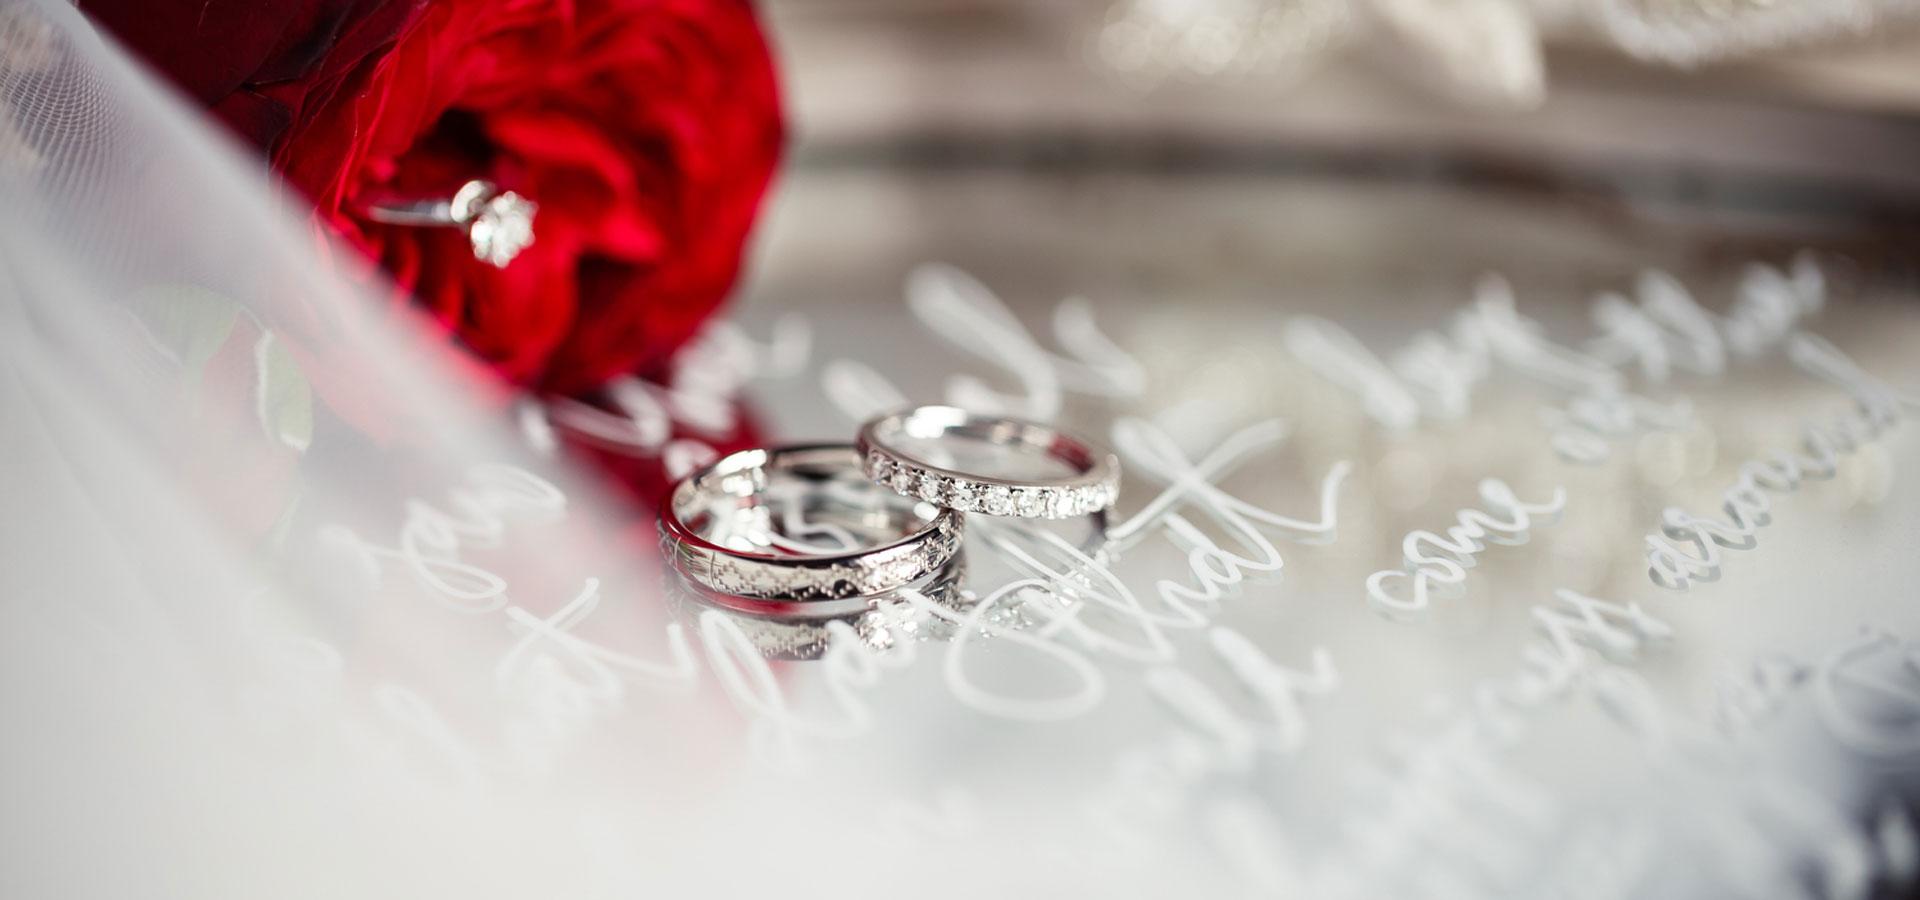 В цвете марсала. Свадьба Тимура и Екатерины фото 3